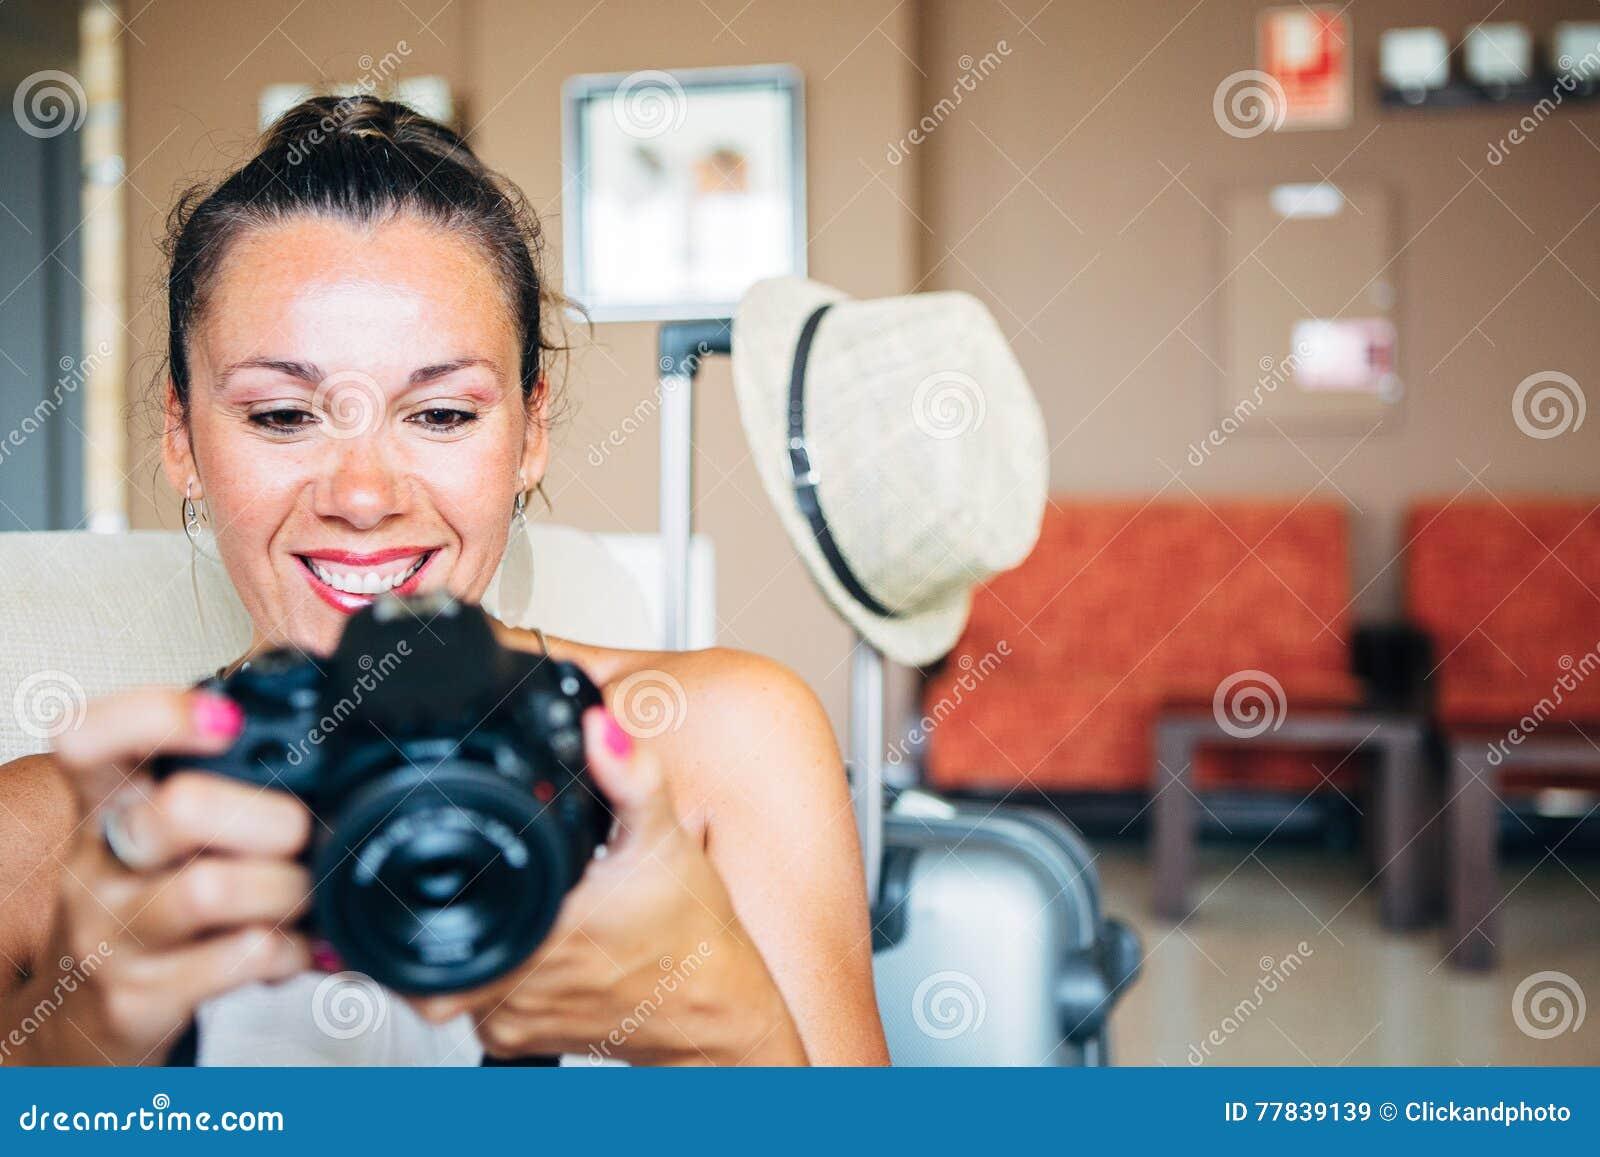 Uśmiechnięta dorosła kobieta patrzeje na kamerze w rękach